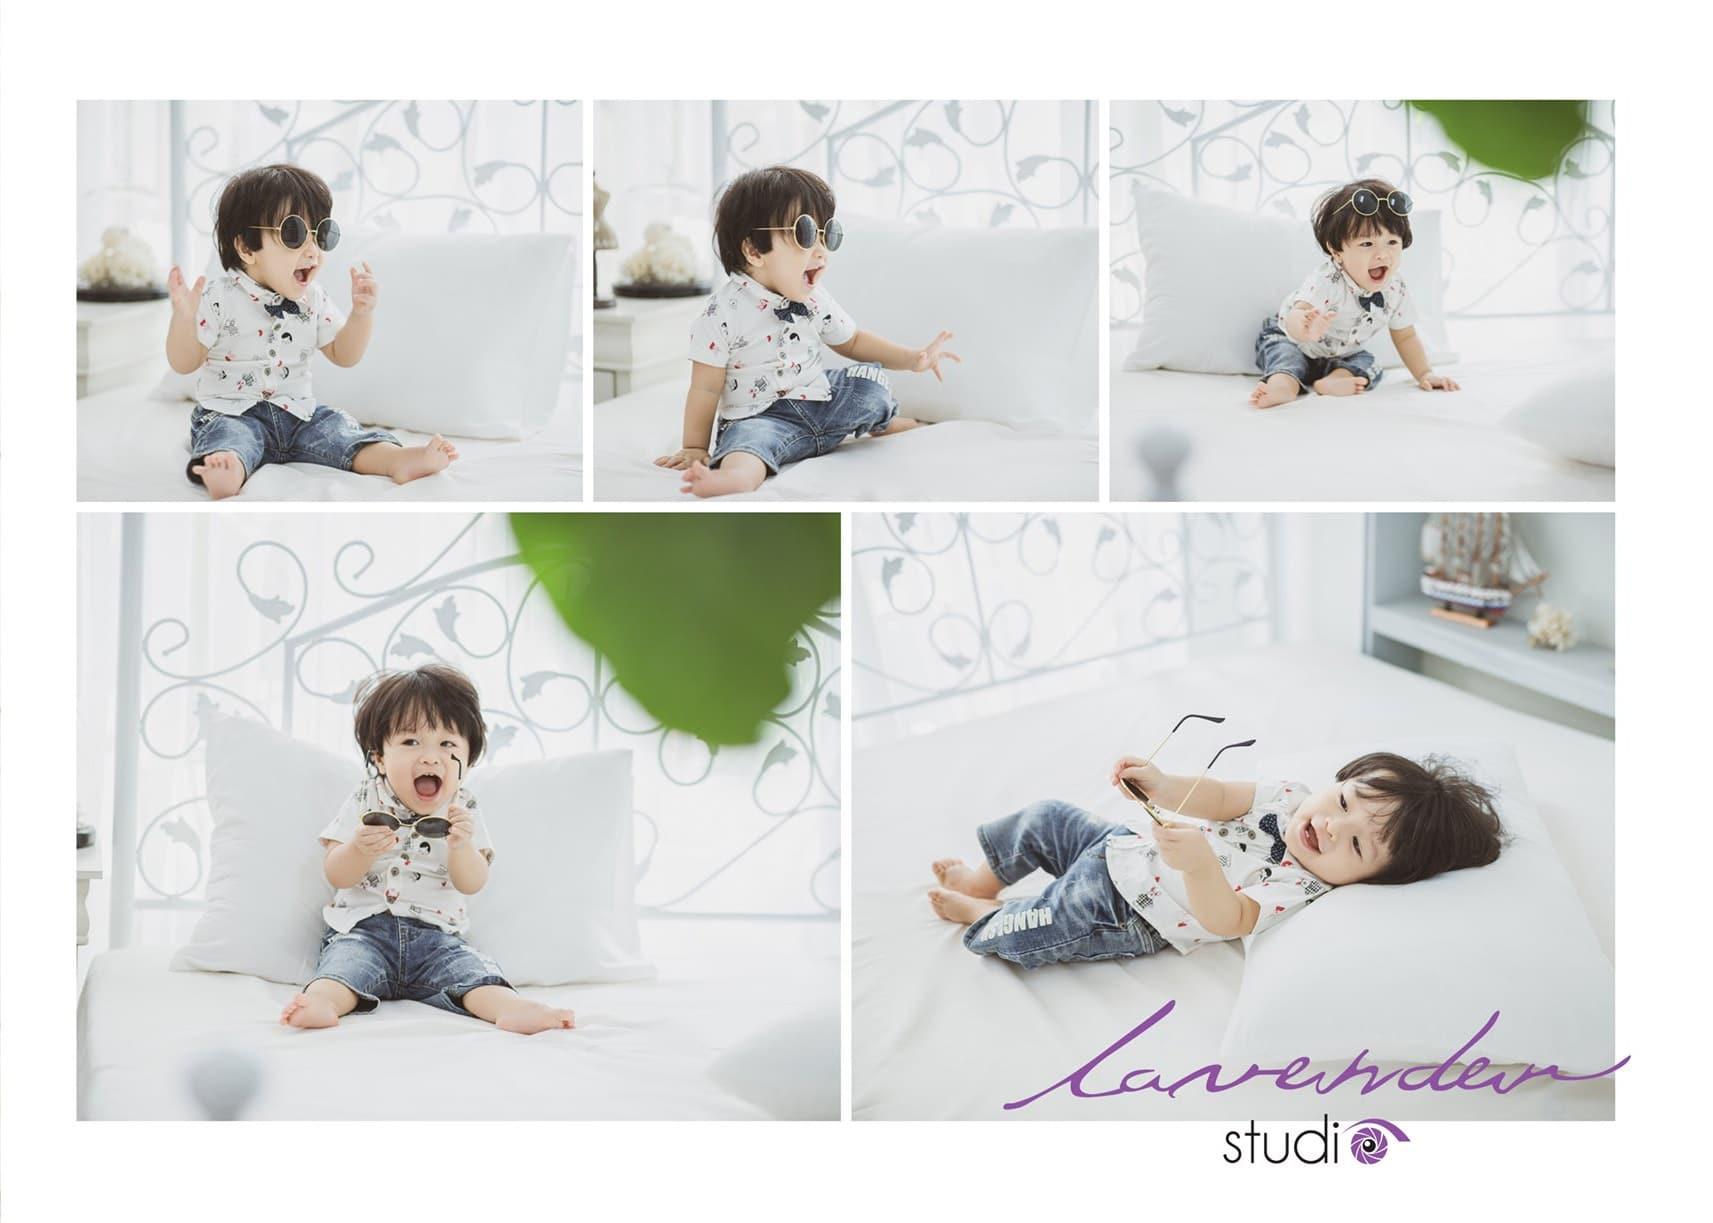 Chụp hình cho bé trai 1 tuổi với những khoảnh khắc thú vị